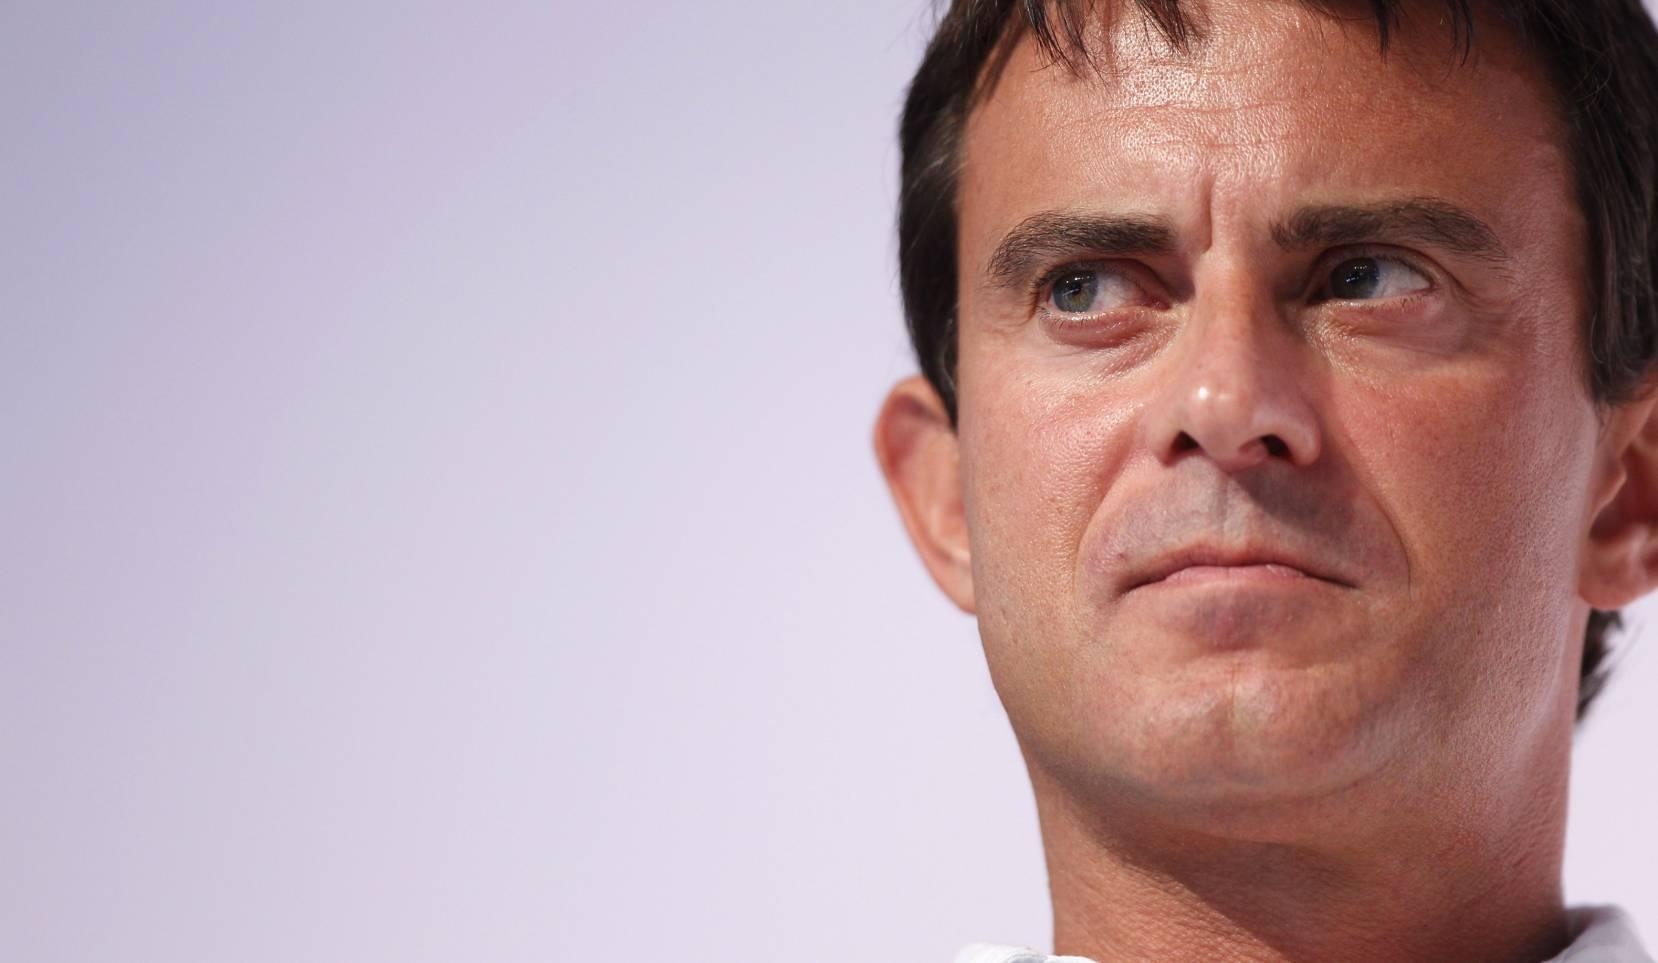 Plan d'économies : des députés socialistes demandent à Valls de le limiter